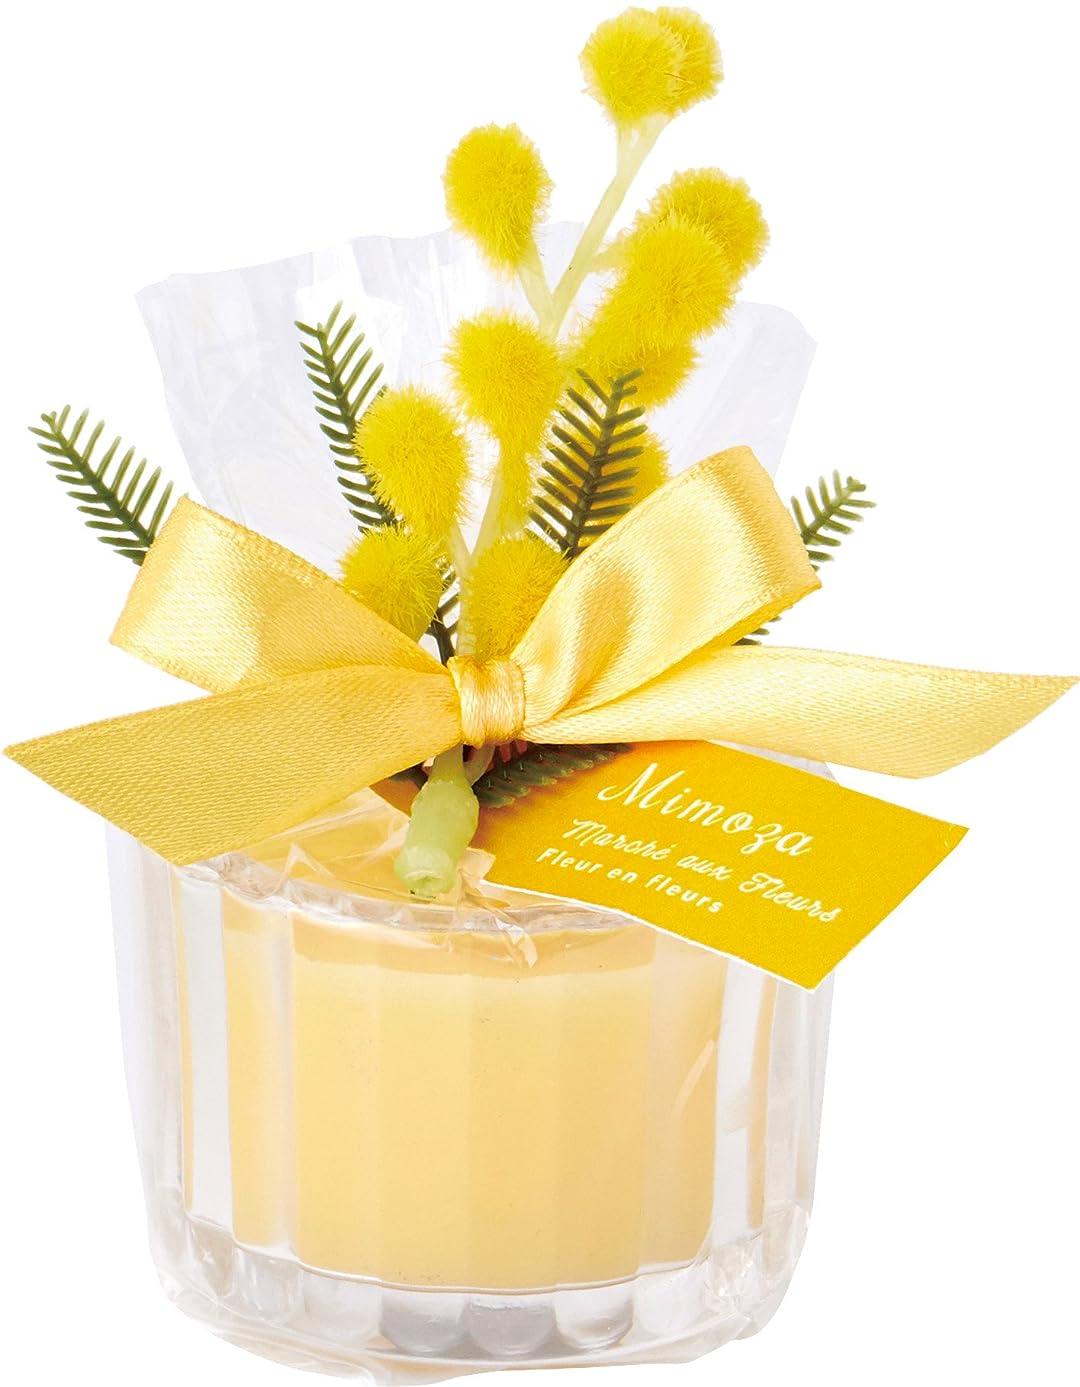 合金肩をすくめるコインカメヤマキャンドルハウス フルールマルシェ ミニグラスキャンドル ミモザ (サンシャインフローラルの香り)